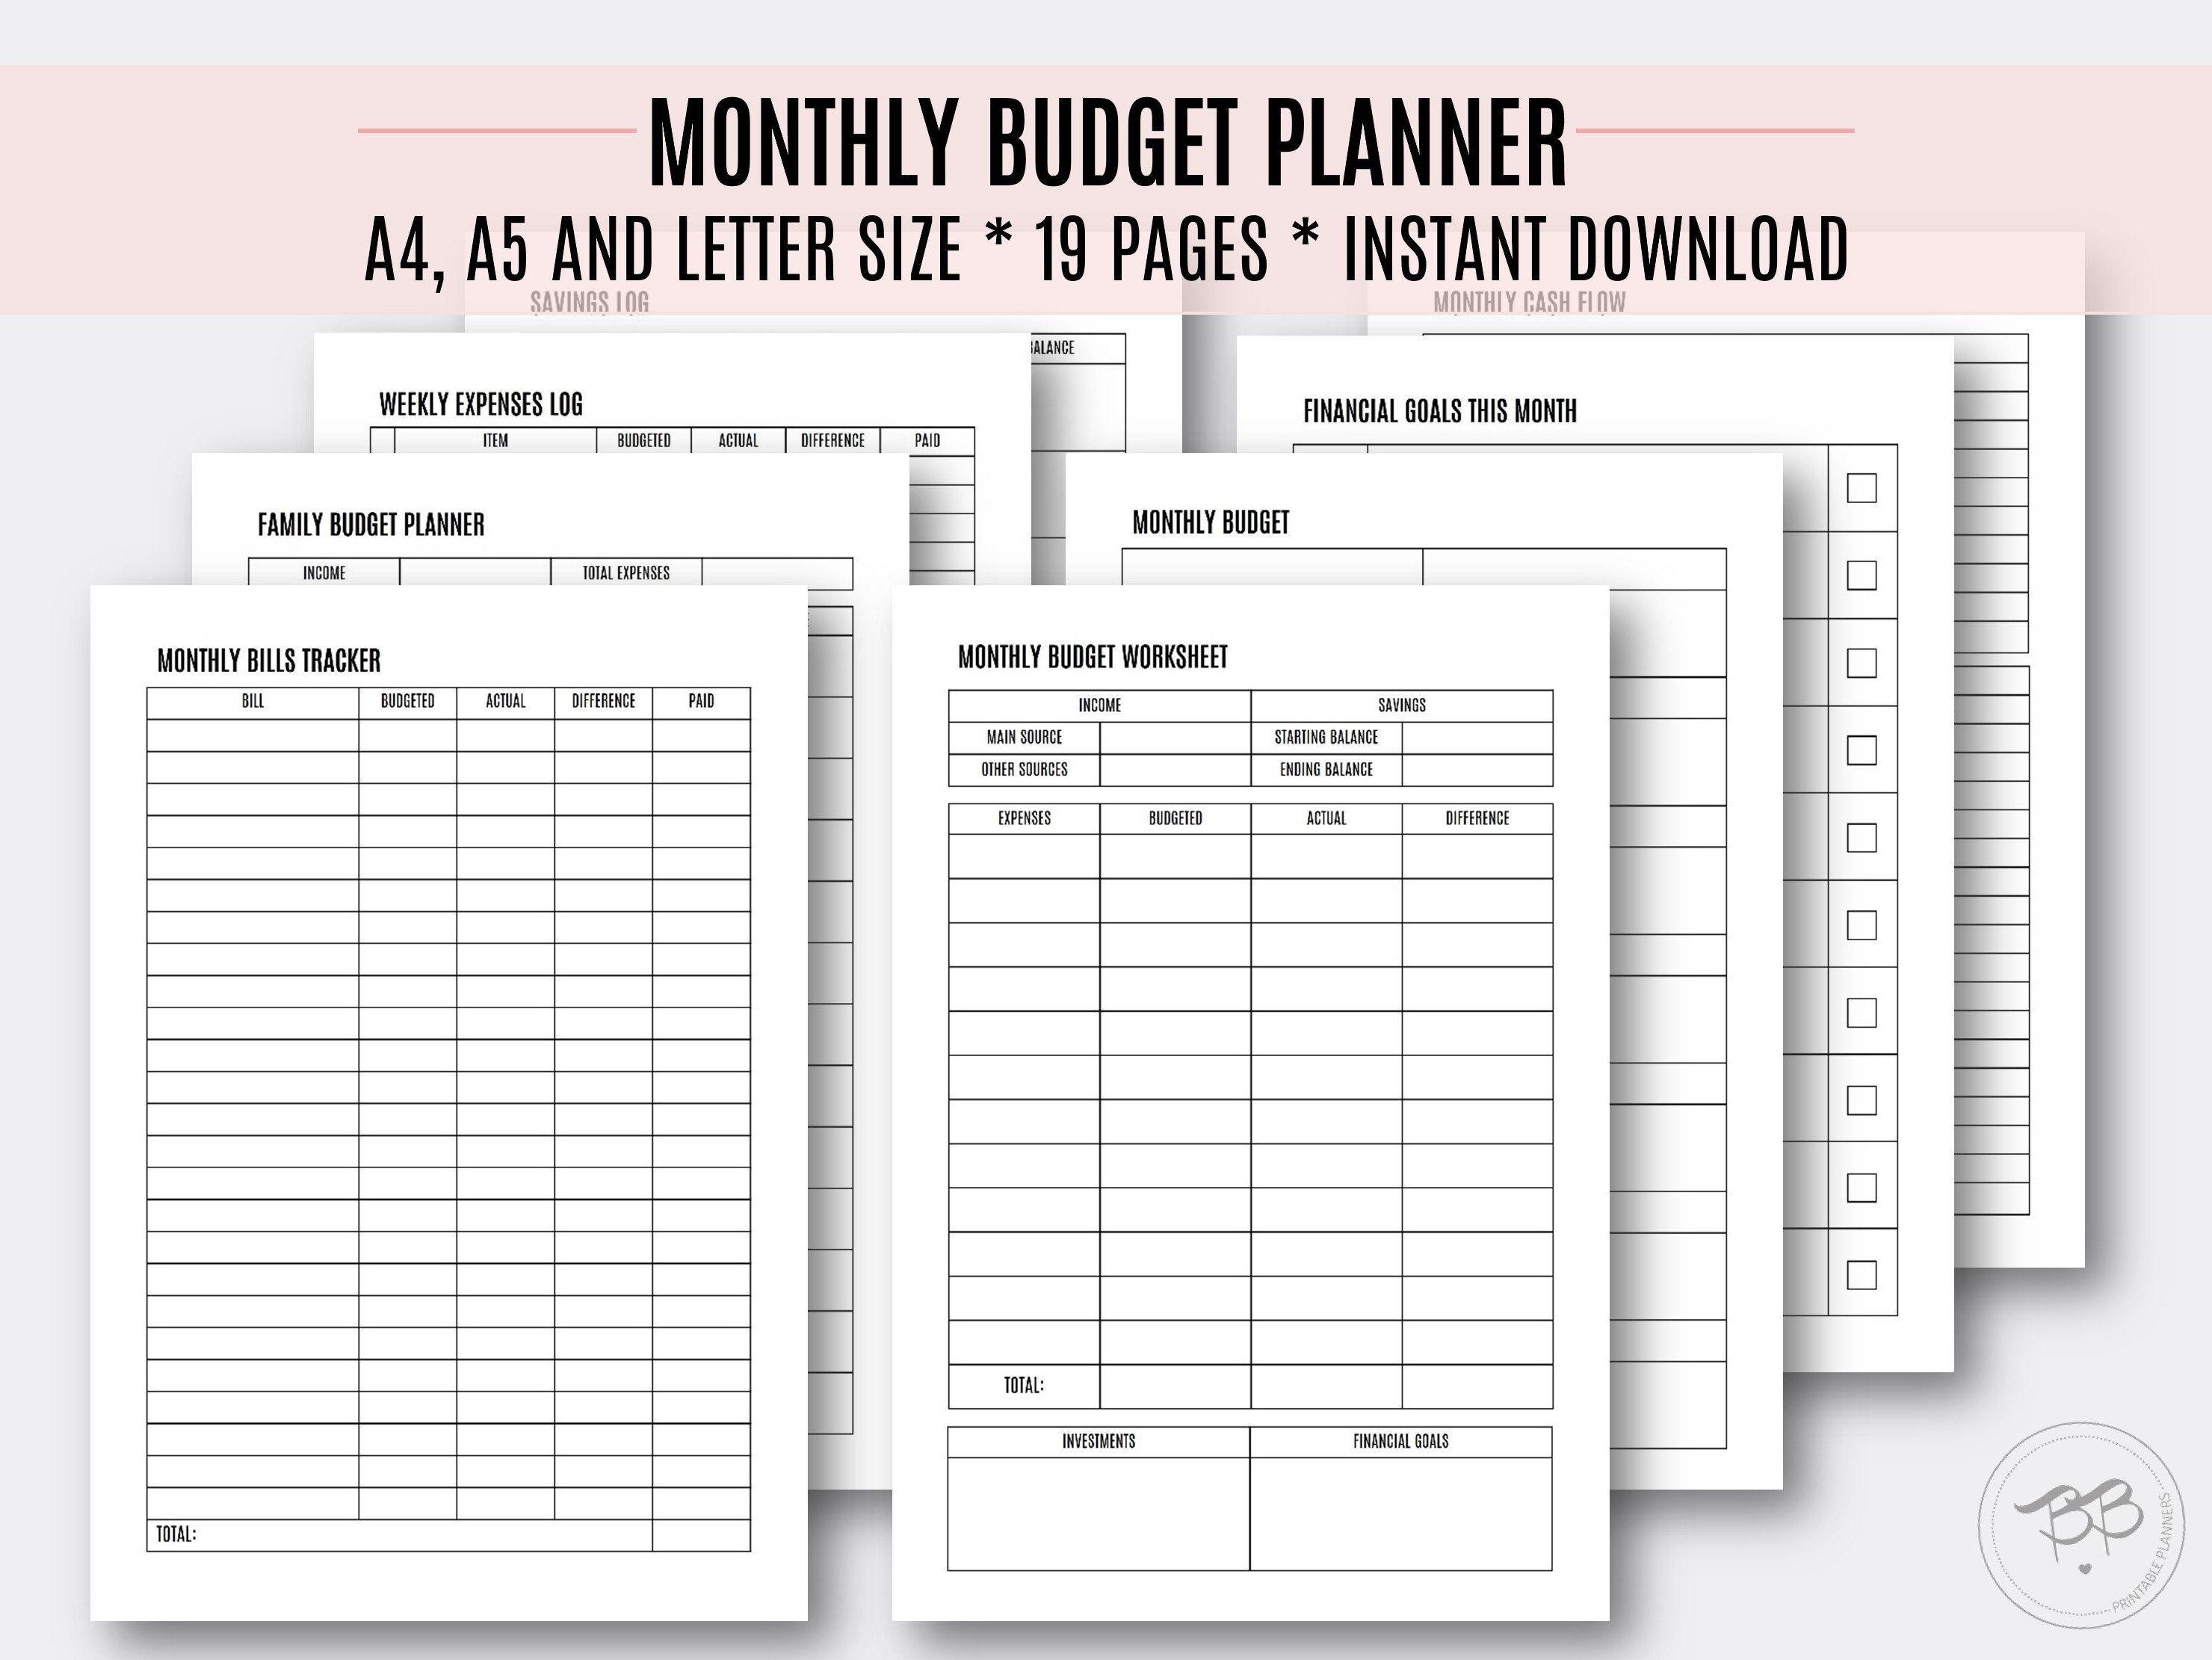 Monthly Budget Planner Budget Organizer Financial Goals